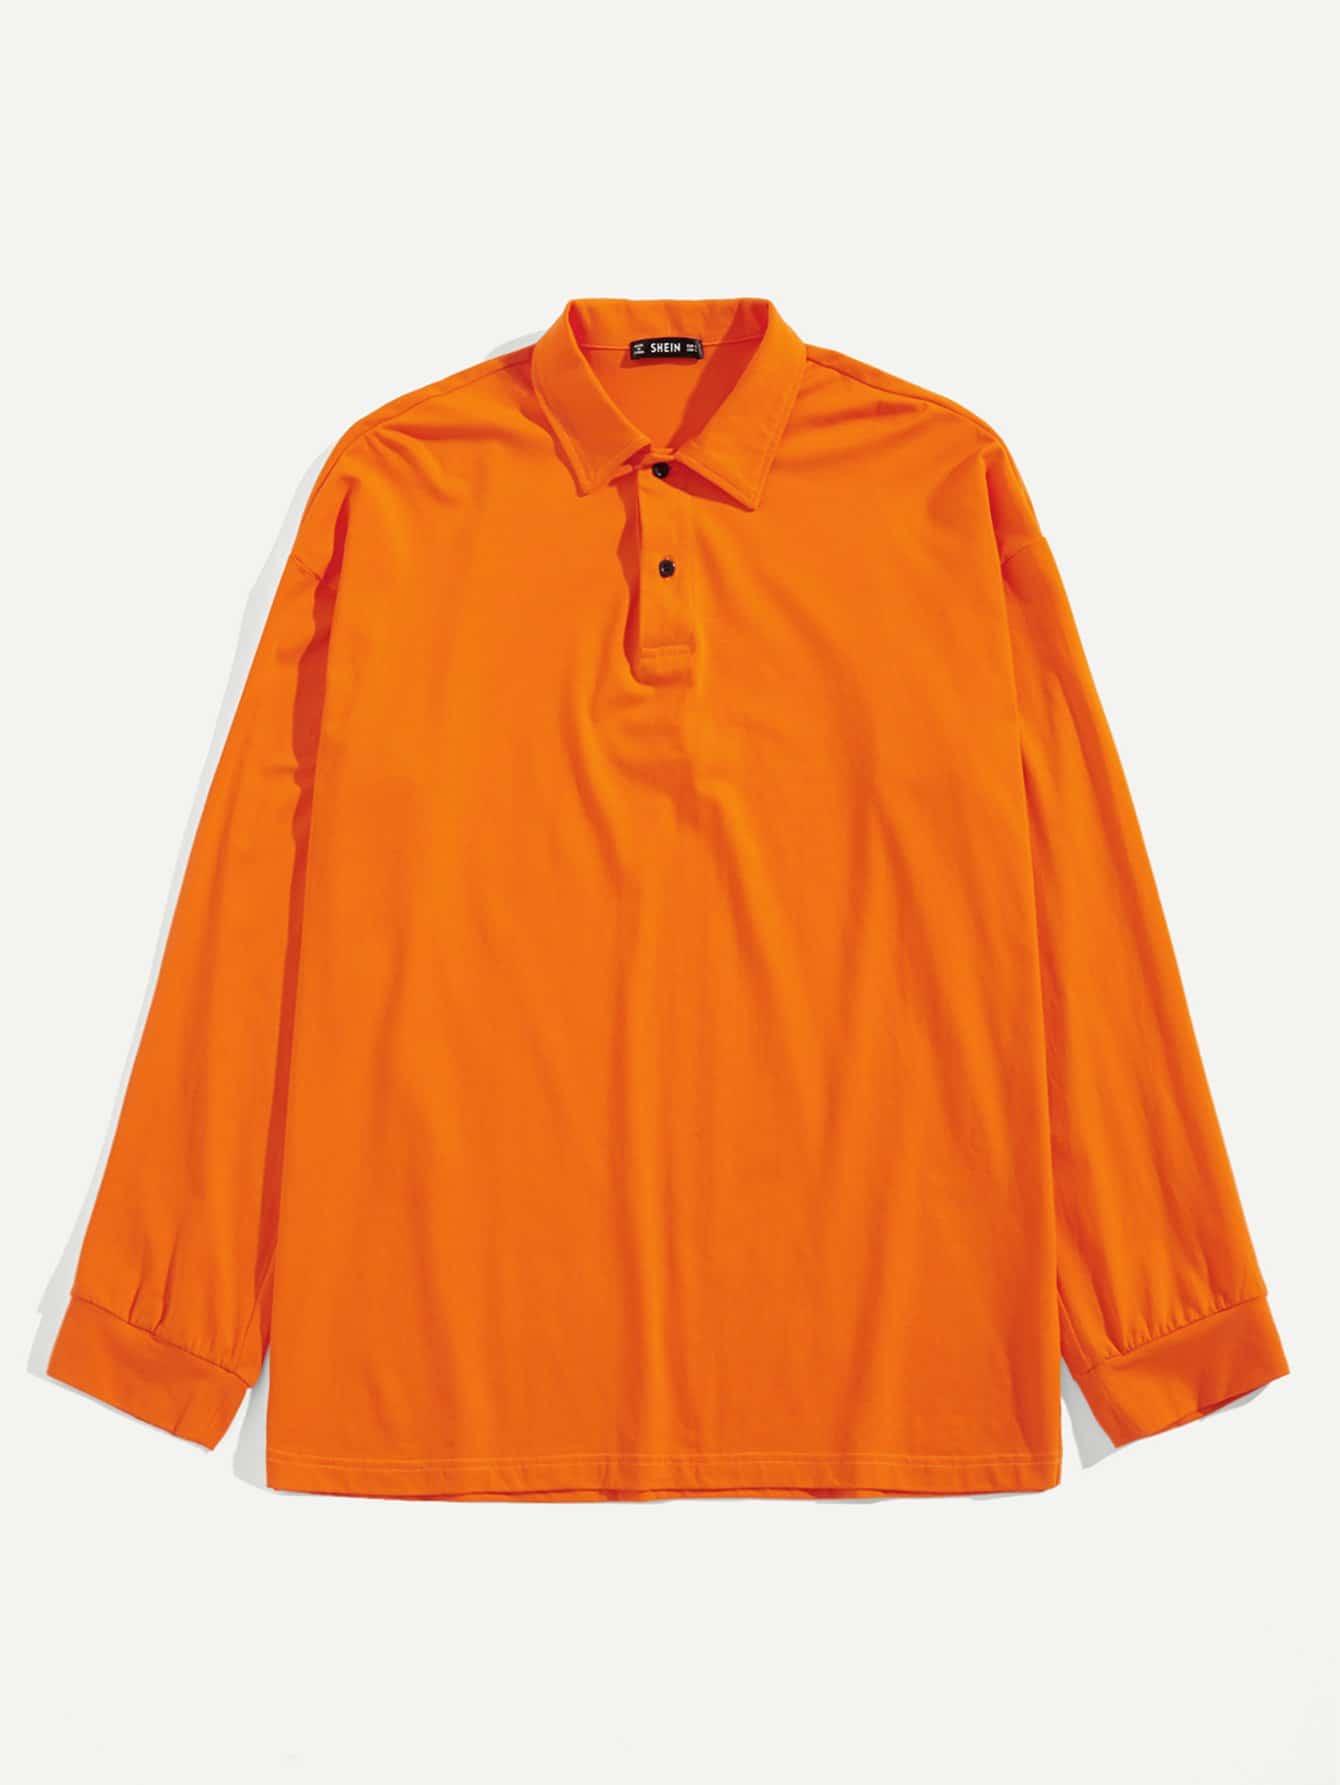 Купить Мужская однотонная поло рубашка с заниженной линией плеч, null, SheIn